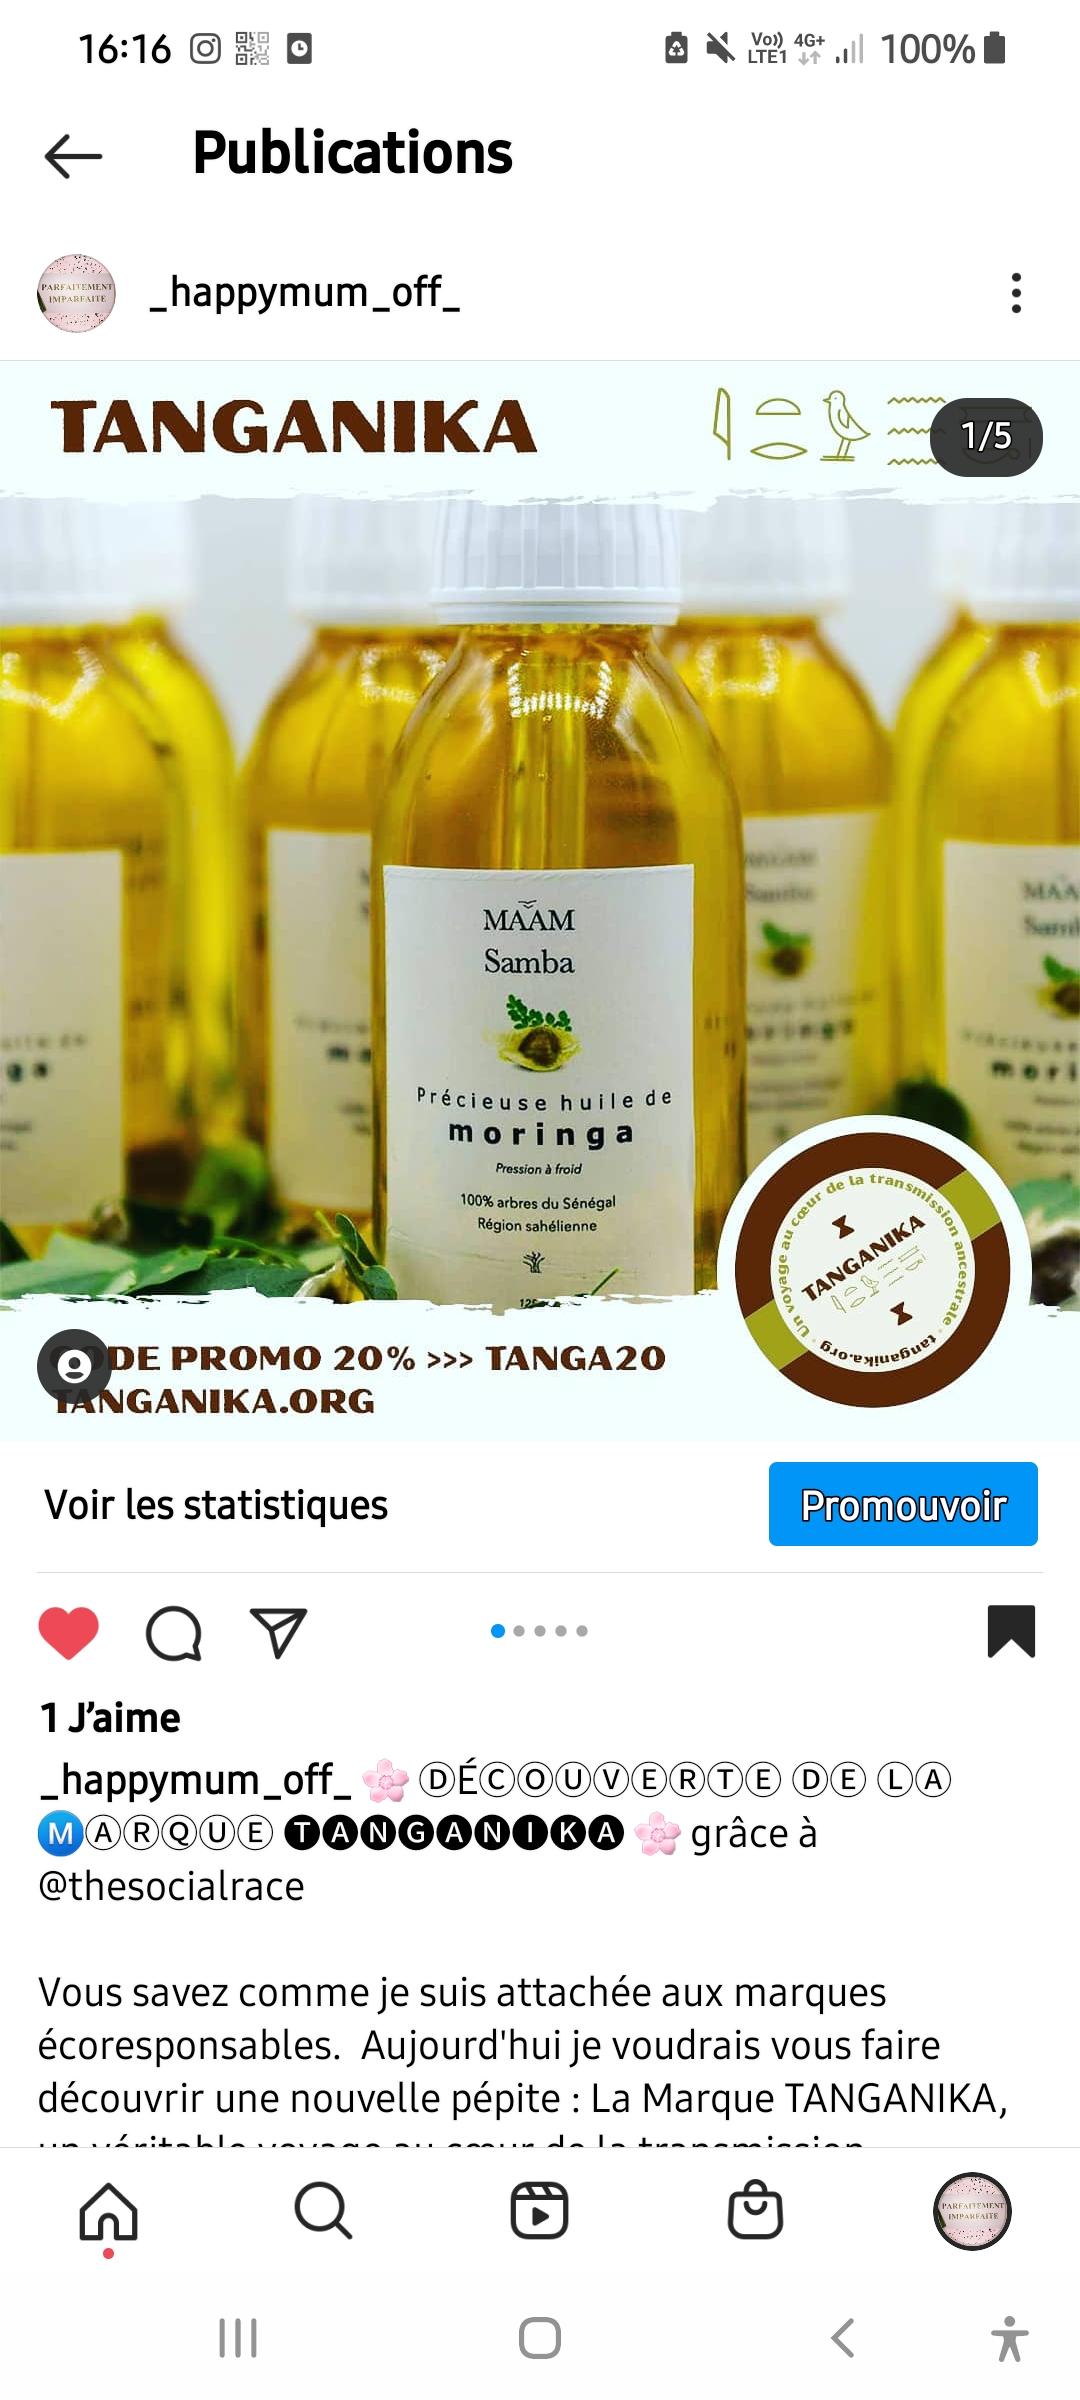 Promotion de la marque Tanganika beauté